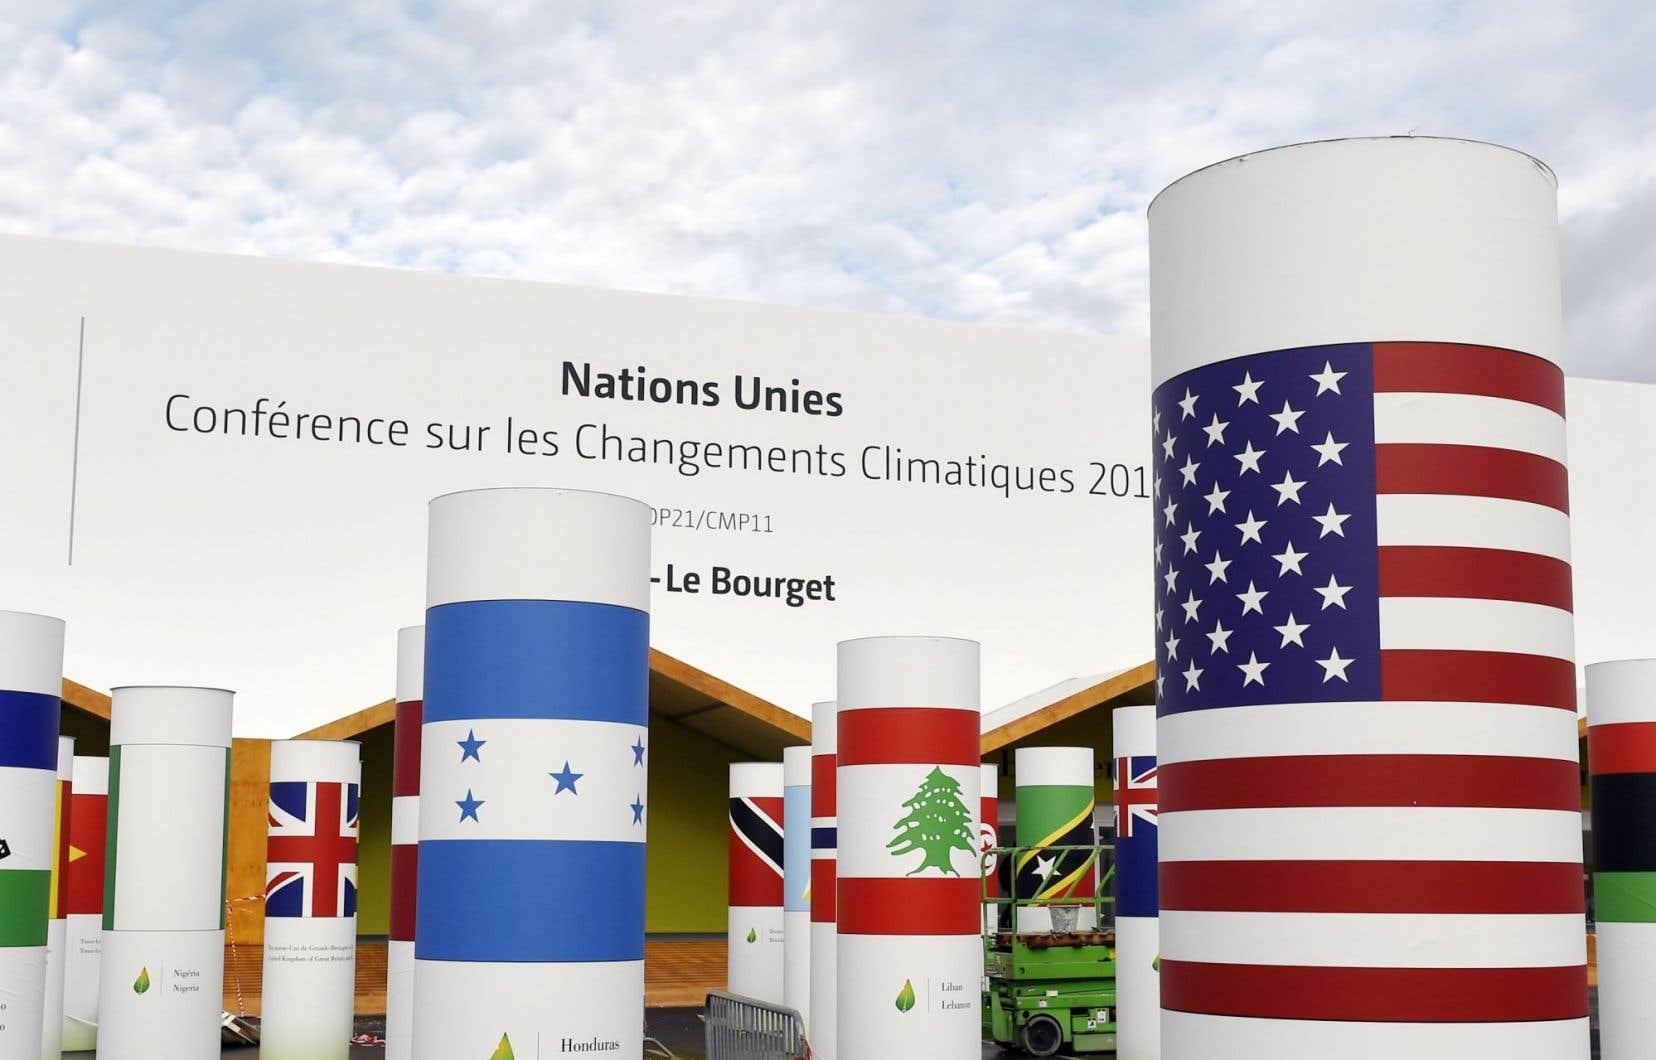 Officiellement, la Chambre de commerce américaine, que certains membres influents ont quittée ces dernières années, s'oppose à l'Accord de Paris.